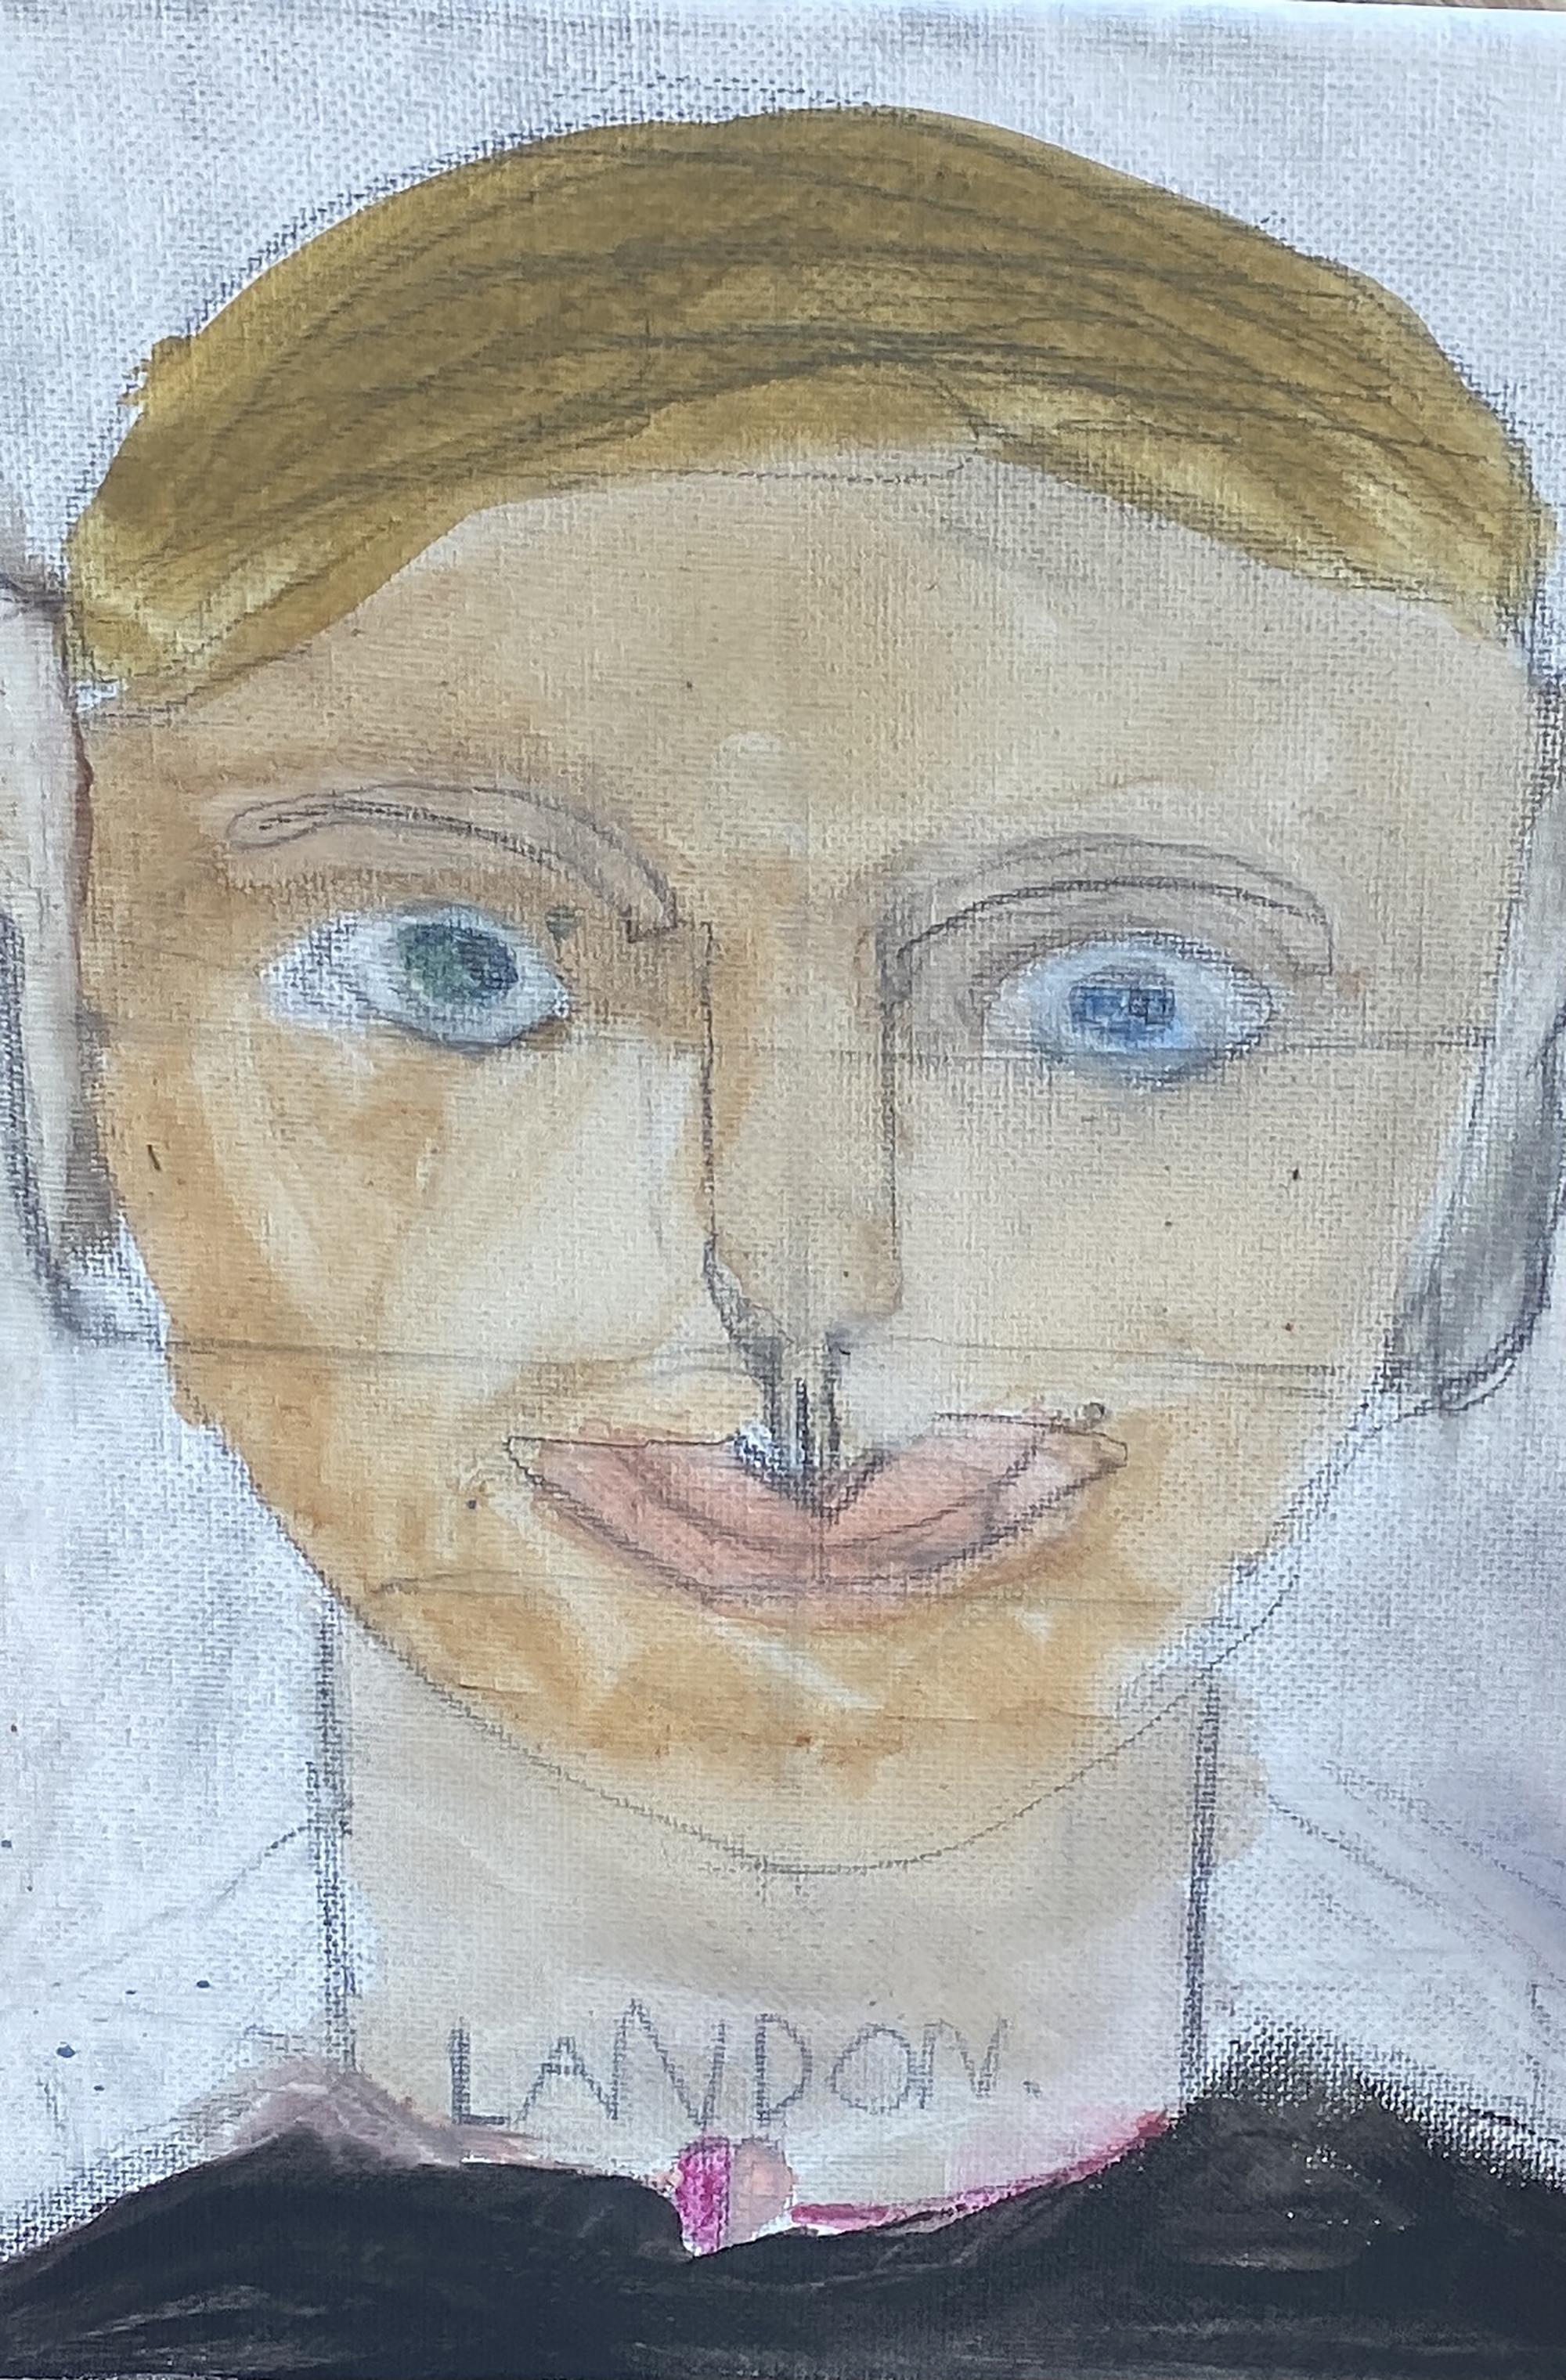 3rd. Landon Kessinger, Portrait